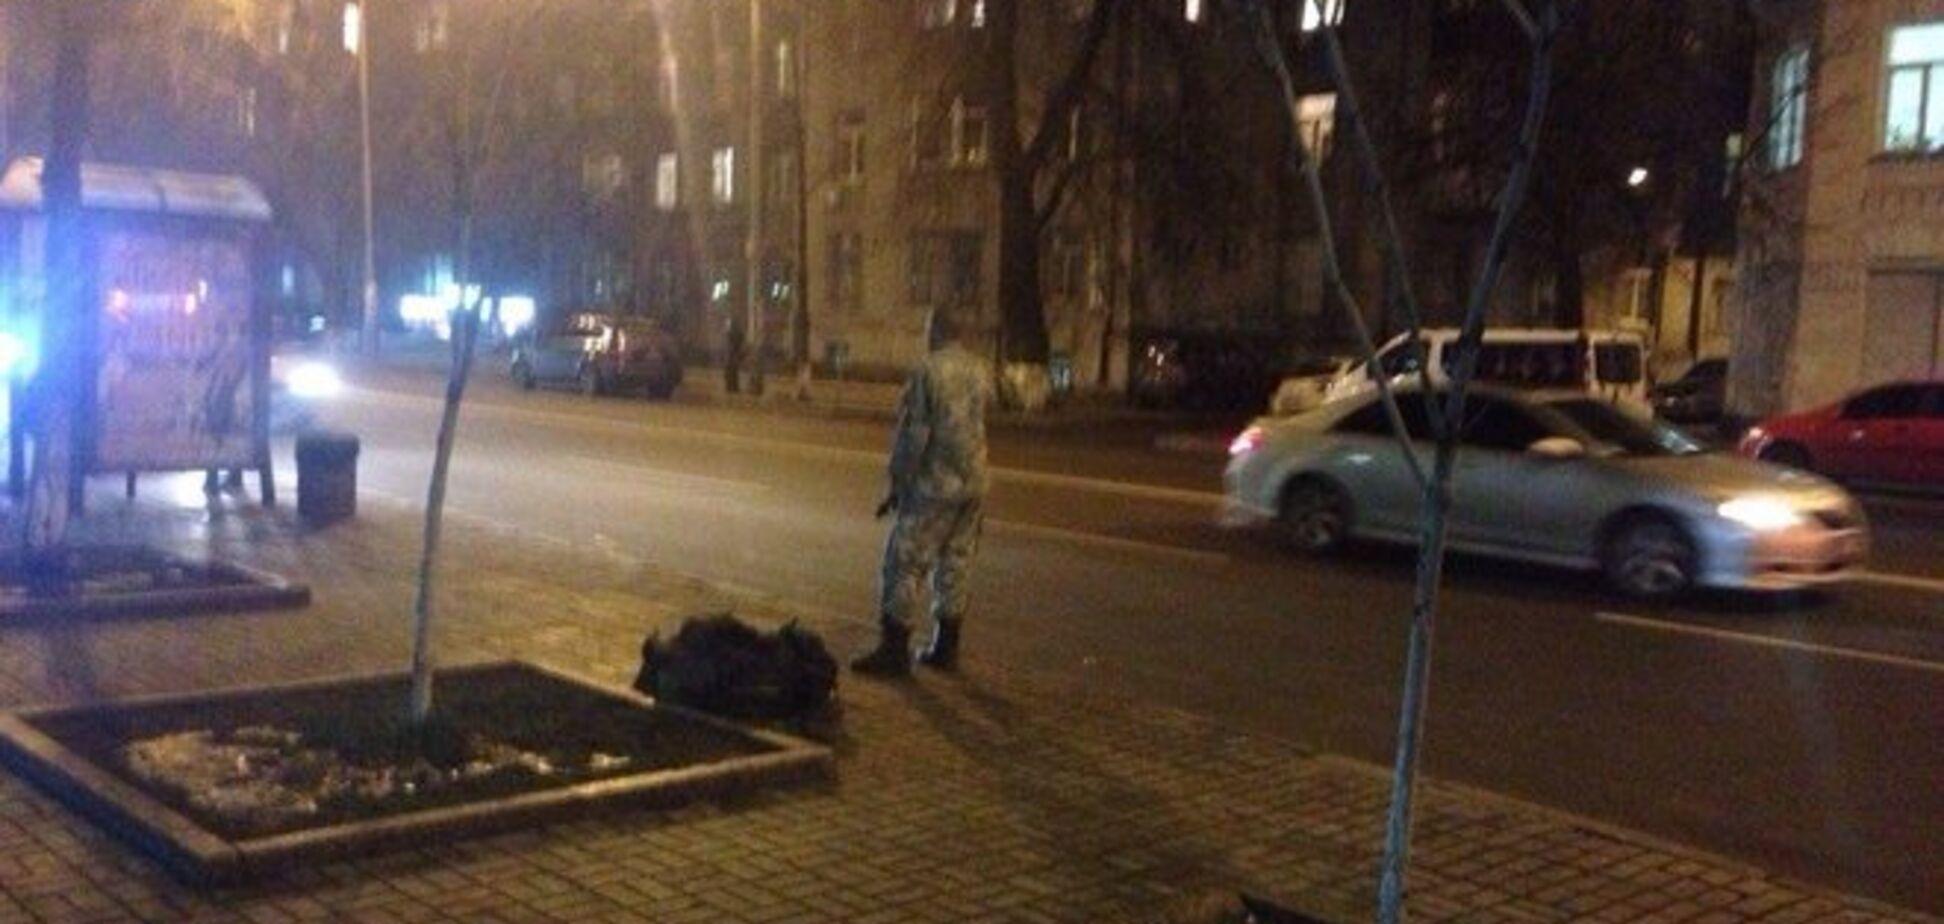 У спокійному Києві хіба так важко приділити хоч мінімальний жест уваги Кіборгу?